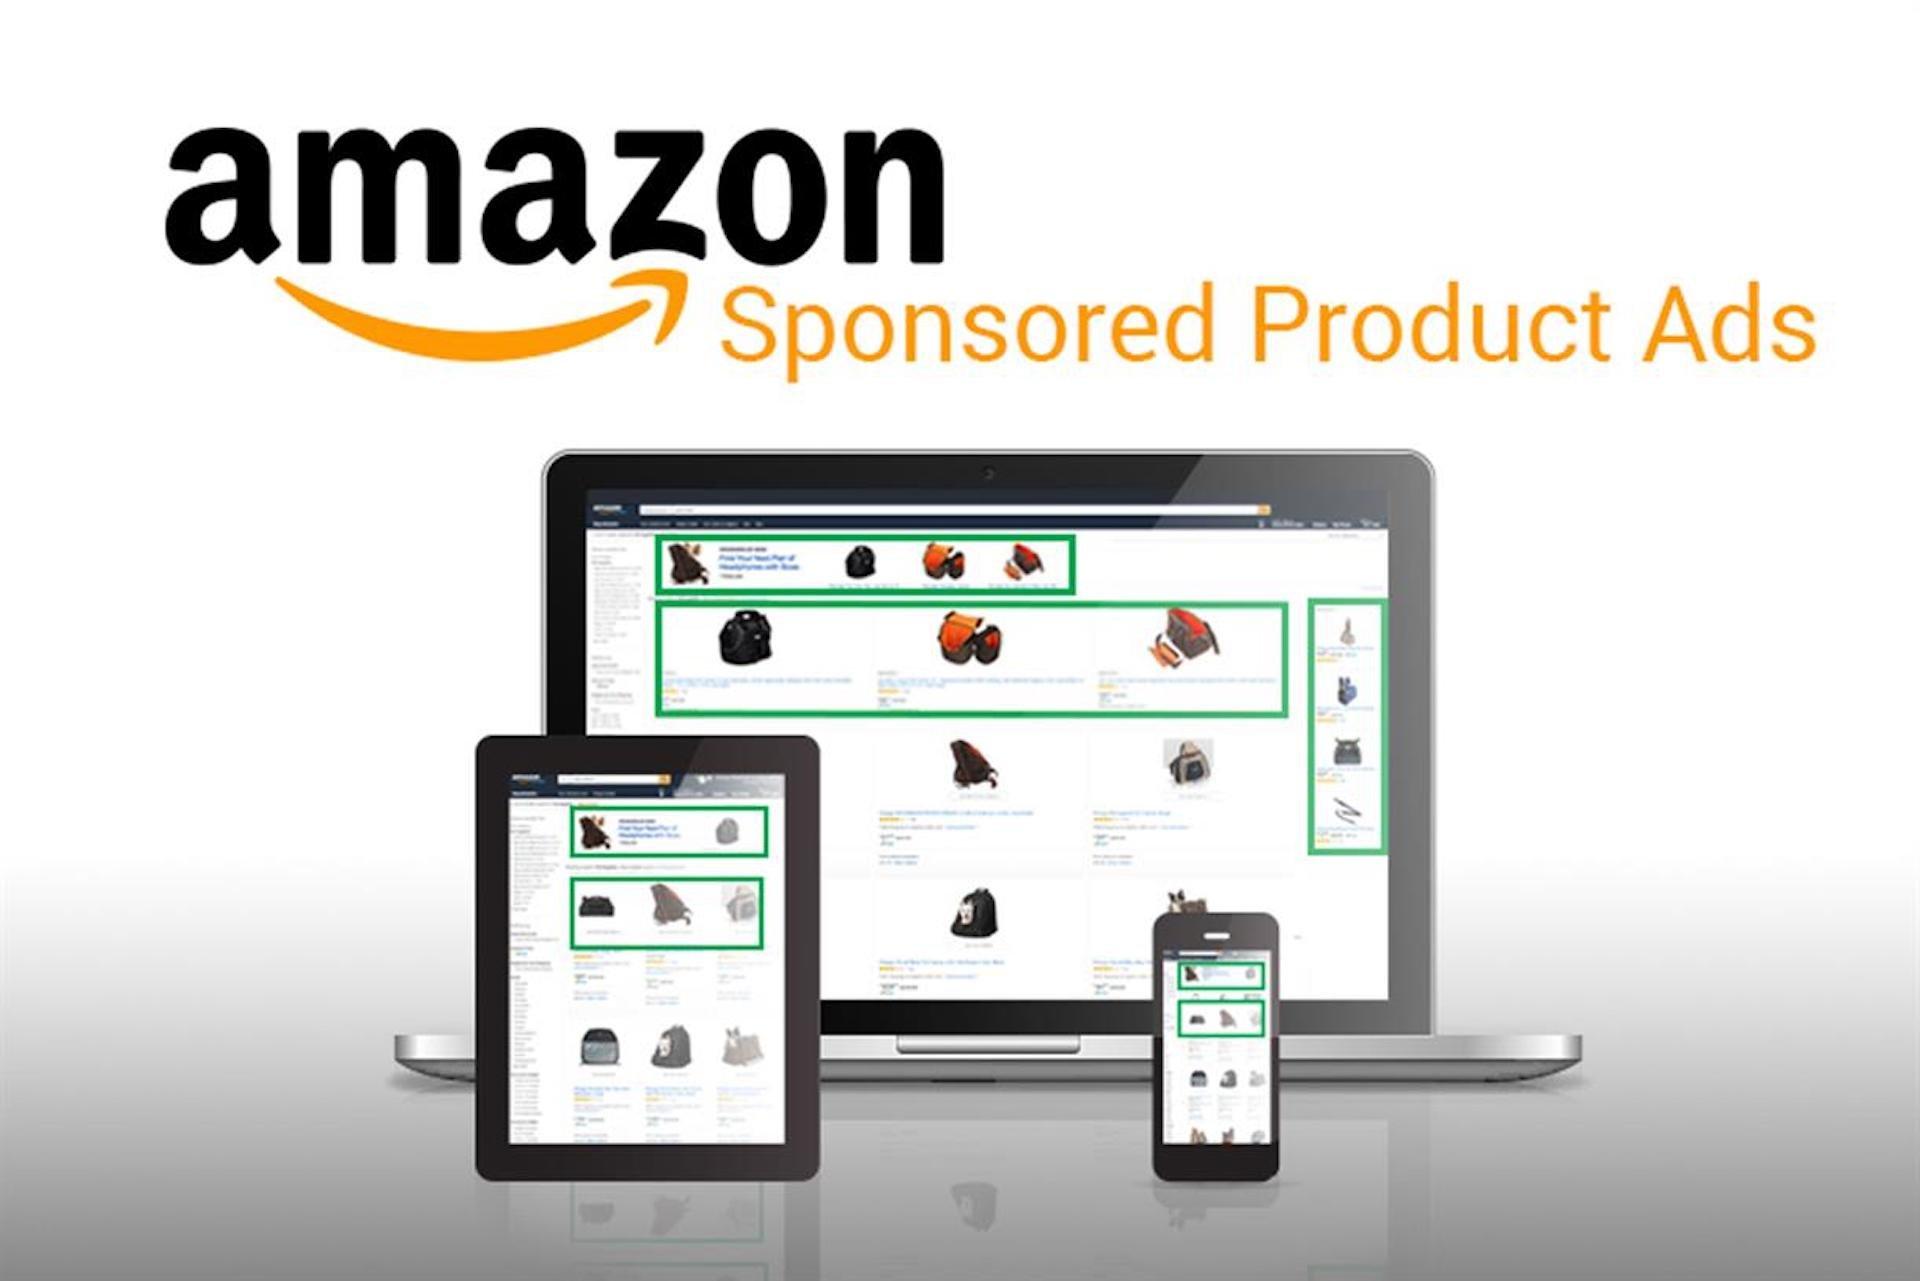 Amazon se renueva unificando todos sus productos publicitarios bajo una sola marca